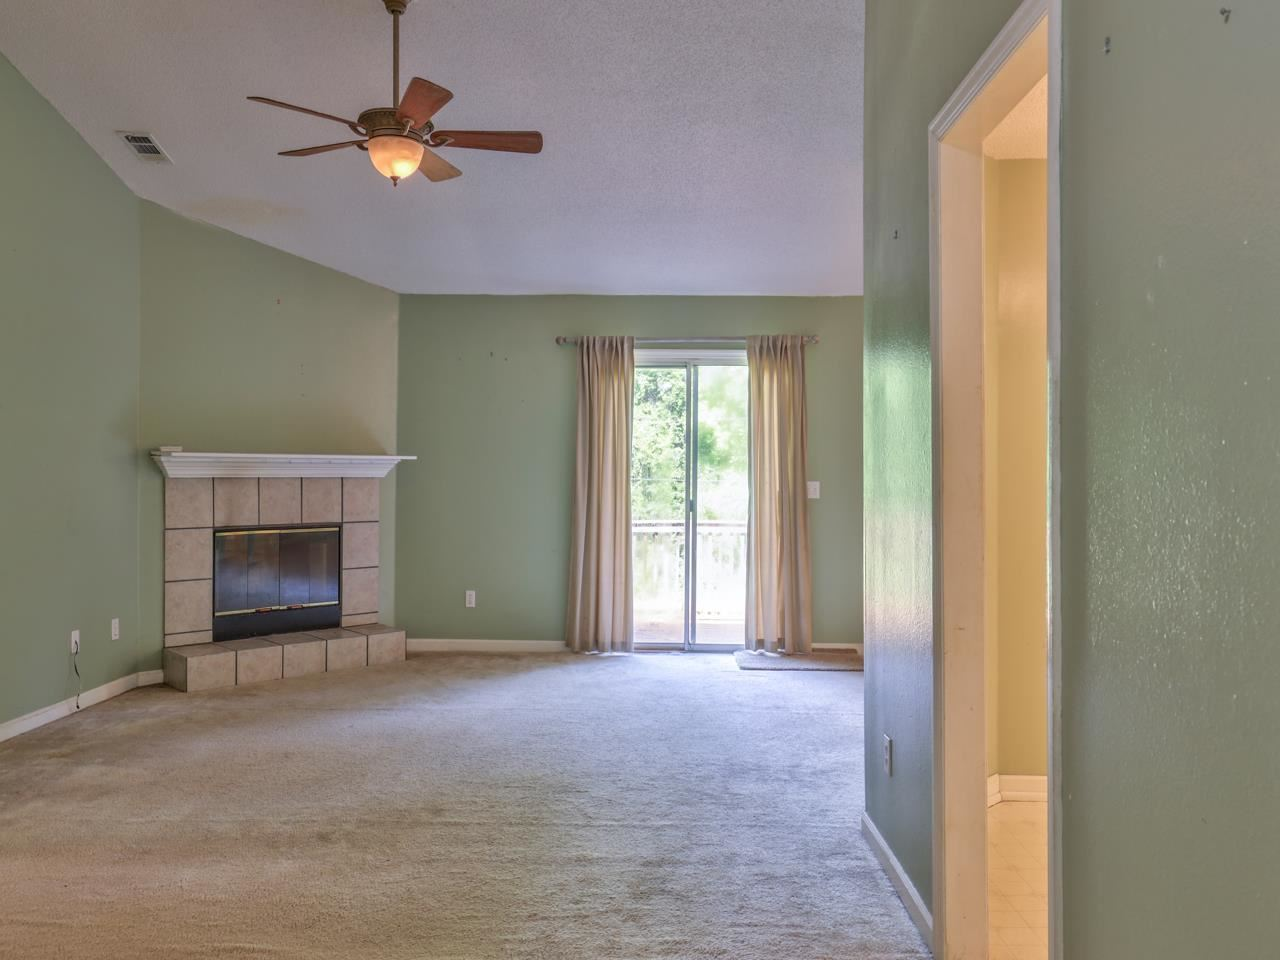 Photo of 8740 Minnow Creek Drive, TALLAHASSEE, FL 32312 (MLS # 331920)